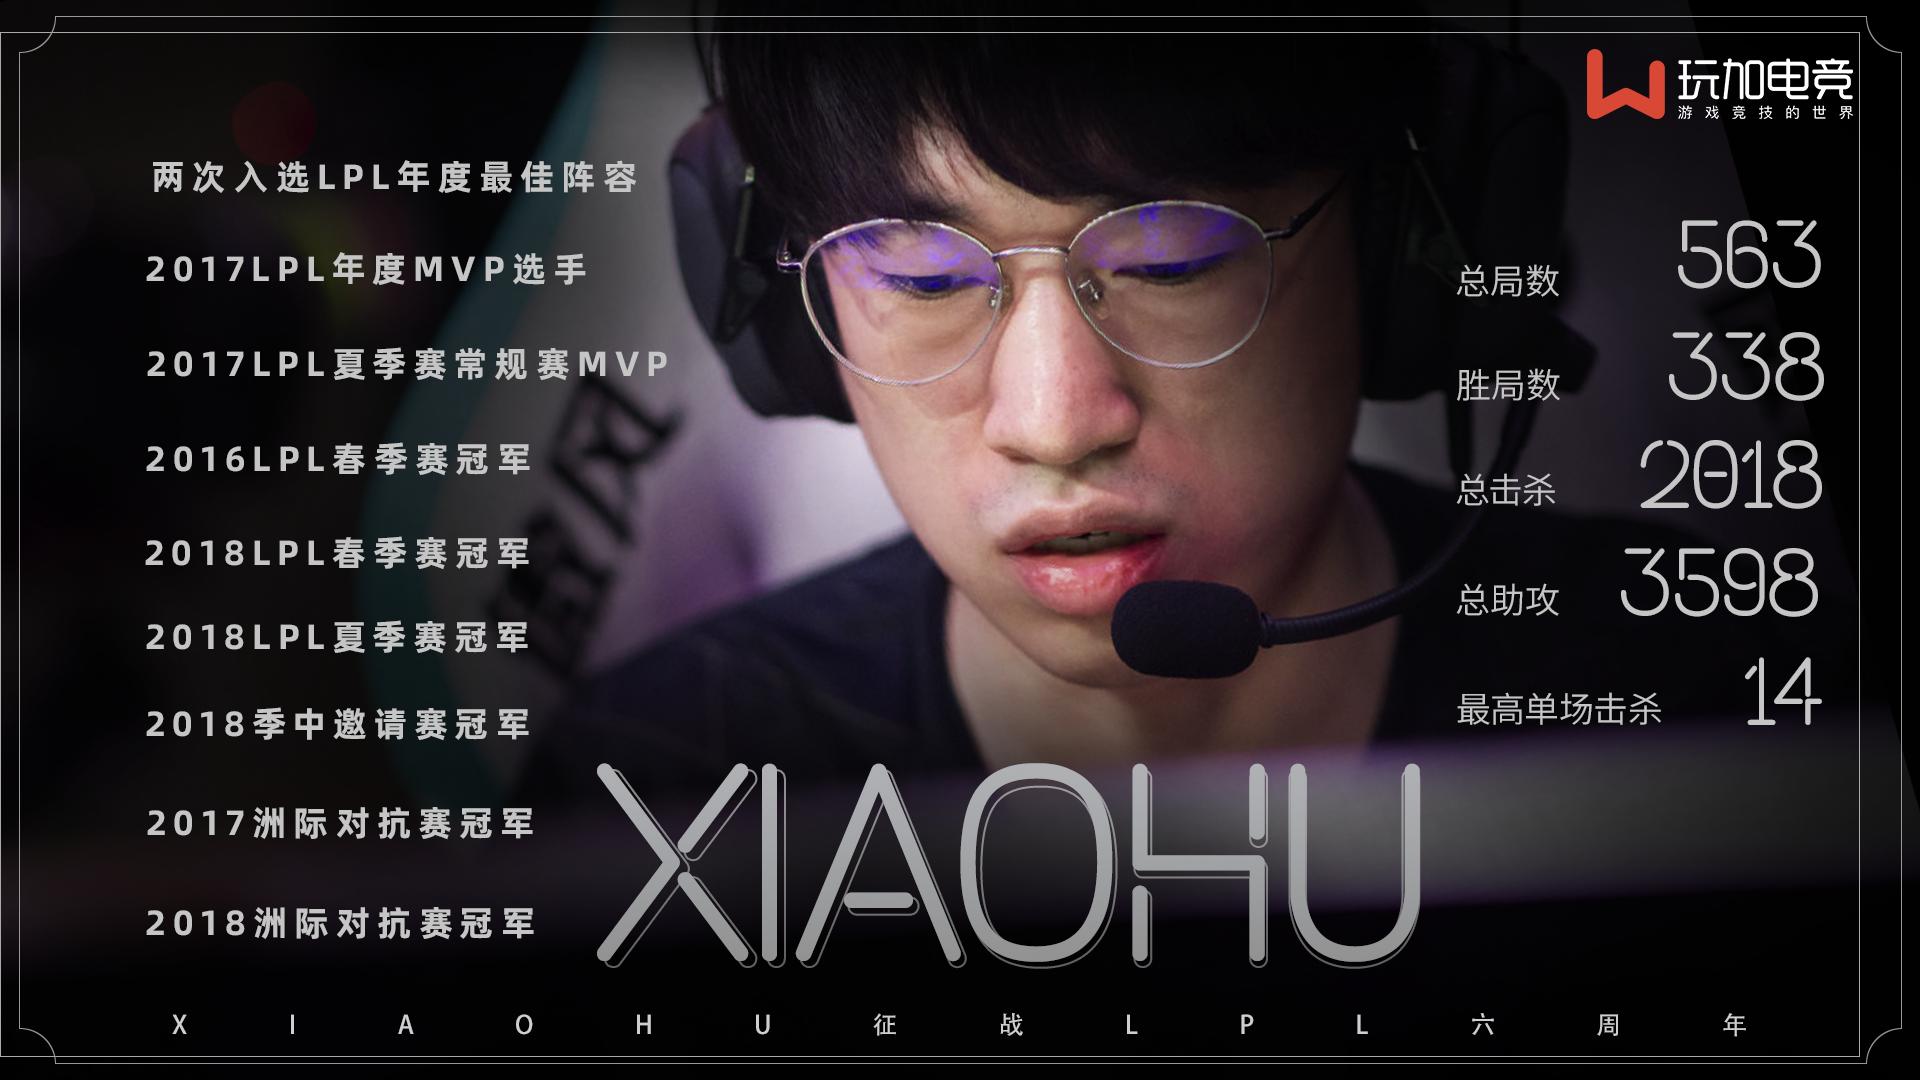 《【煜星娱乐官方登录平台】Xiaohu出道六周年数据:总击杀2018次 单场最高击杀14次》